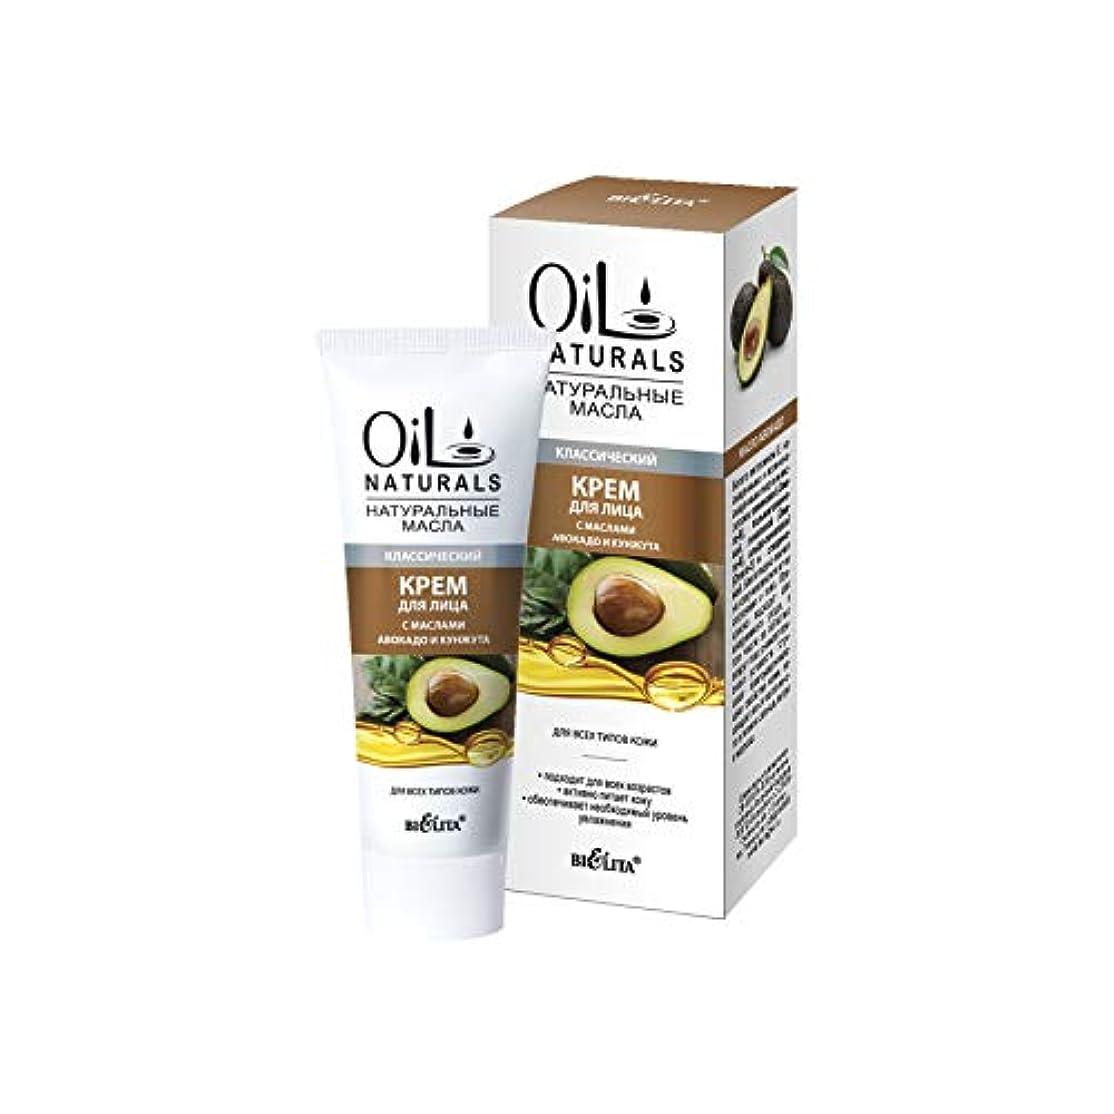 うれしいモンスターキャストBielita & Vitex |Oil Naturals Line | Classic Moisturizing Face Cream, for All Skin Types, 50 ml | Avocado Oil,...